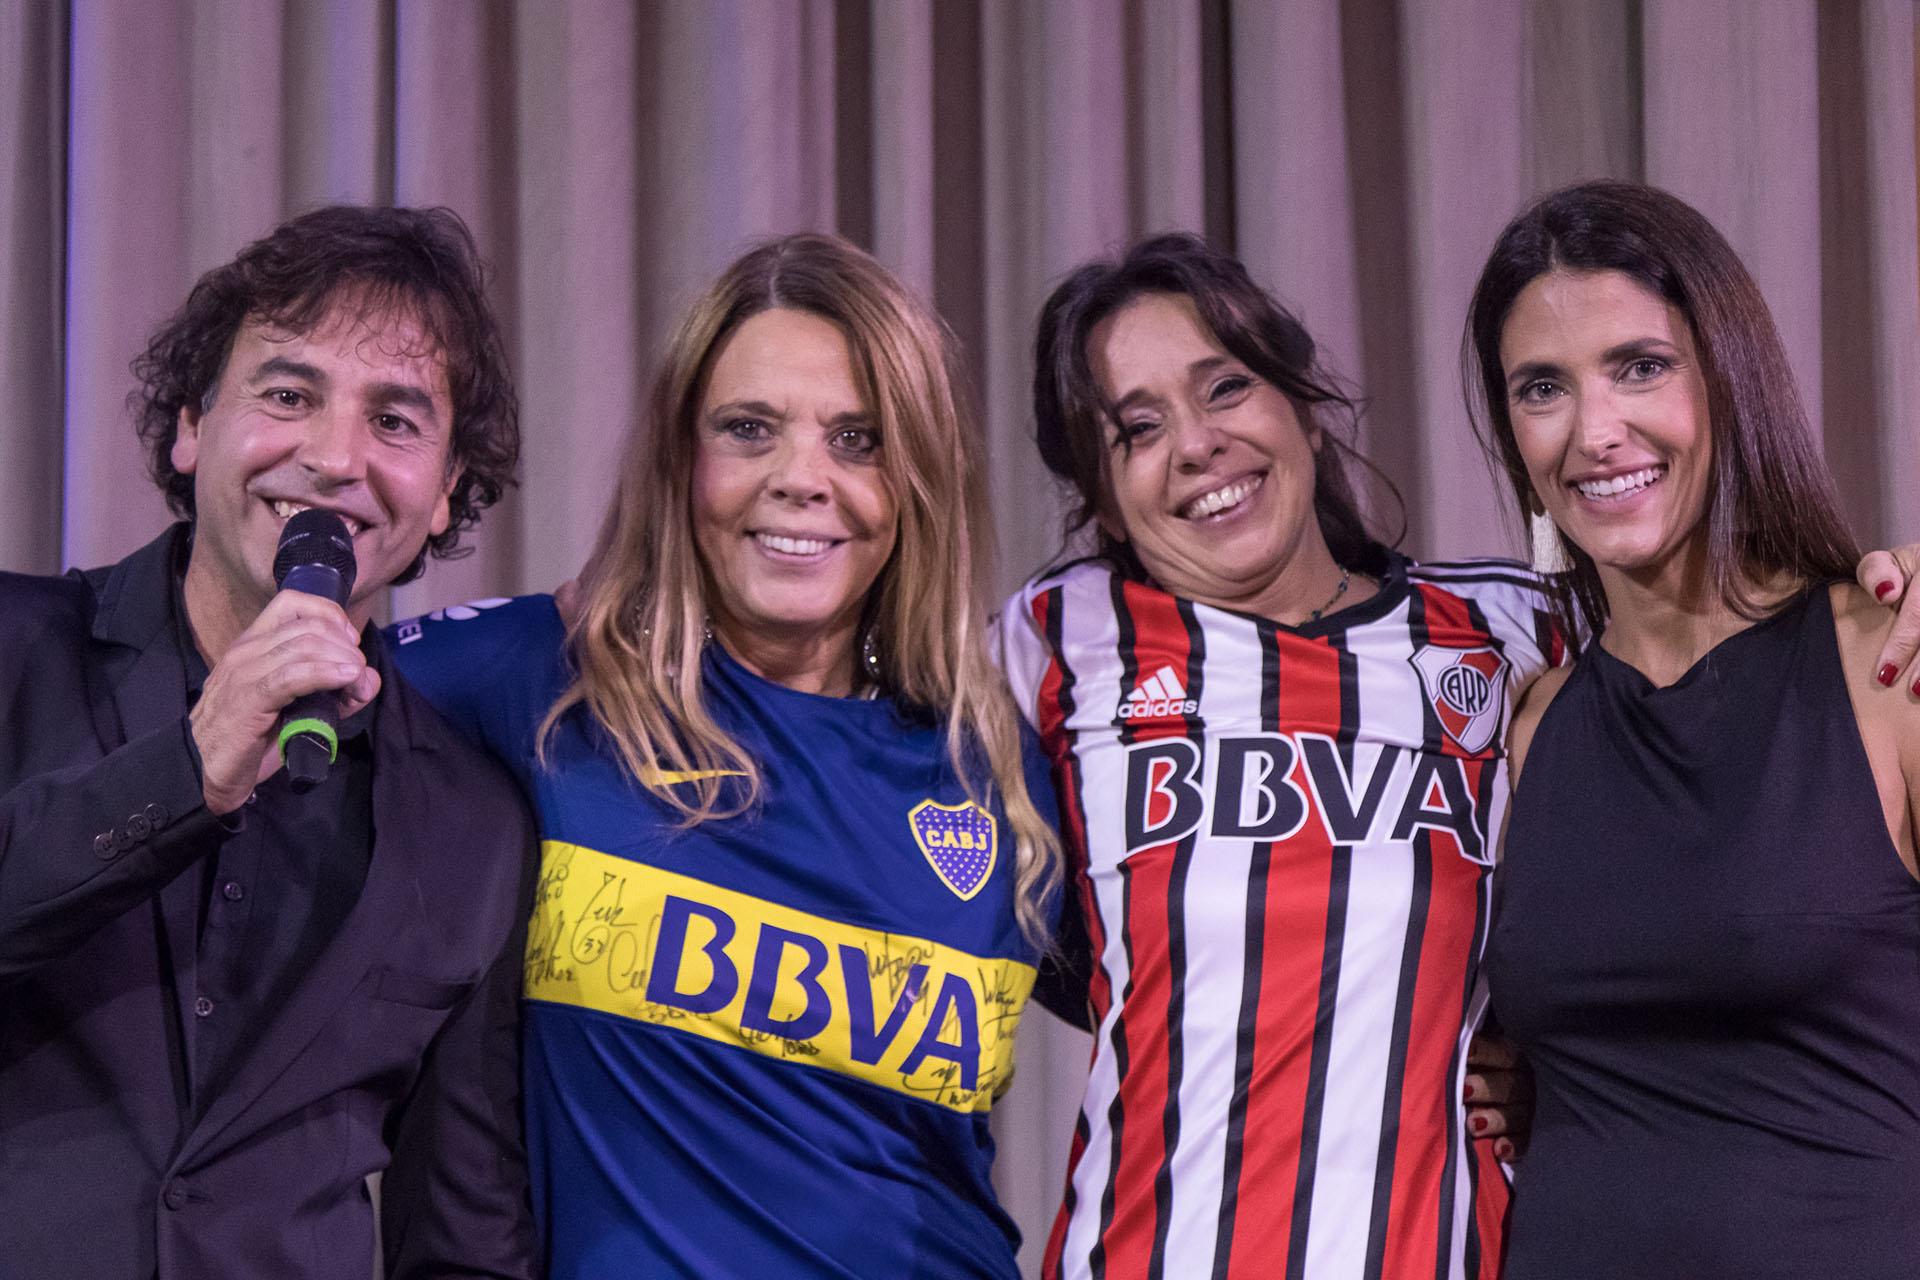 Gonzalo Rodríguez y Alejandra Martínez realizaron la subasta de experiencias a beneficio de la Fundación, acompañados por Silvana González y Viviana Oneto